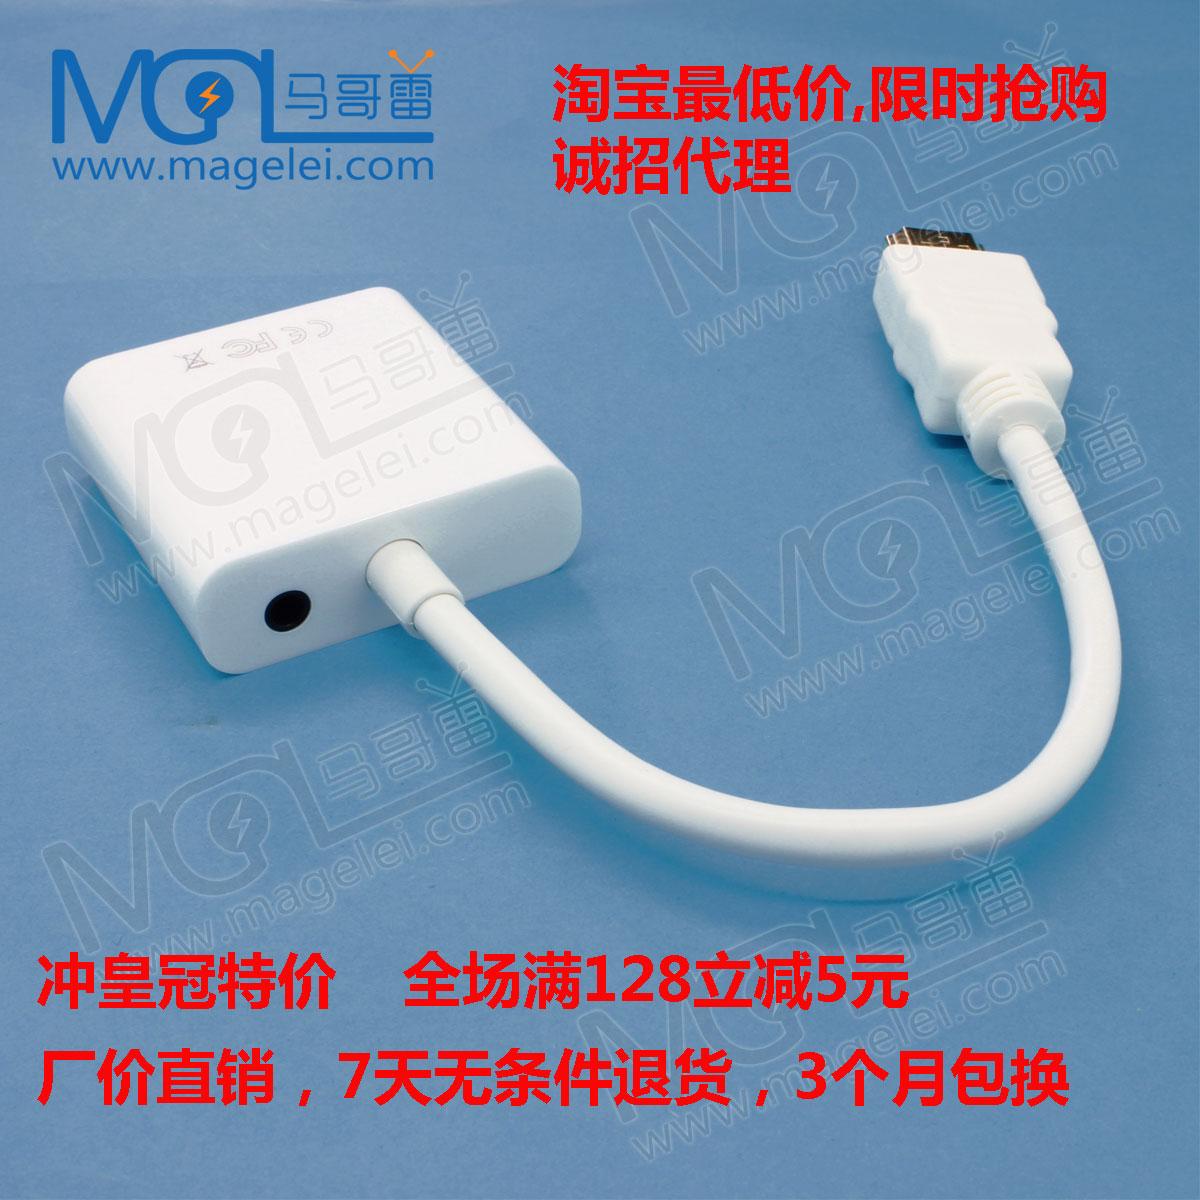 Кабель HDMI HDMI очередь HD конвертер для преобразования VGA HDMI кабель VGA с аудио электропитания